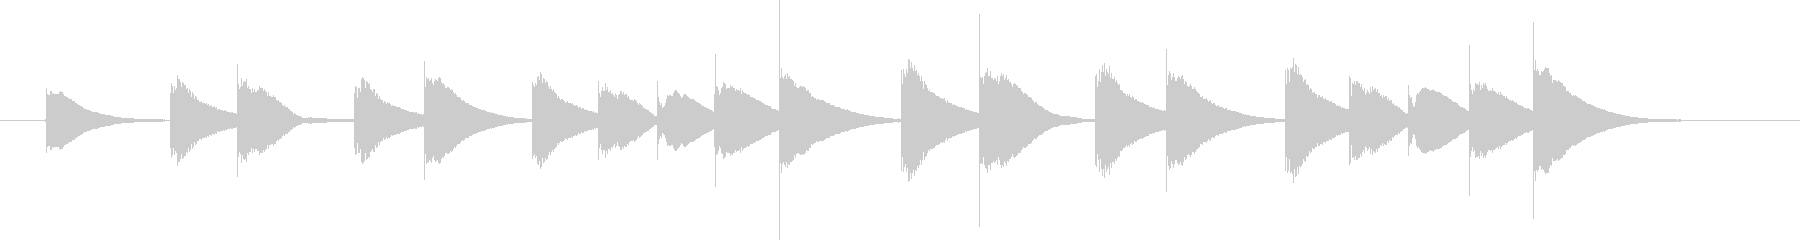 ビブラフォン:ハロウィンメロディー...の未再生の波形